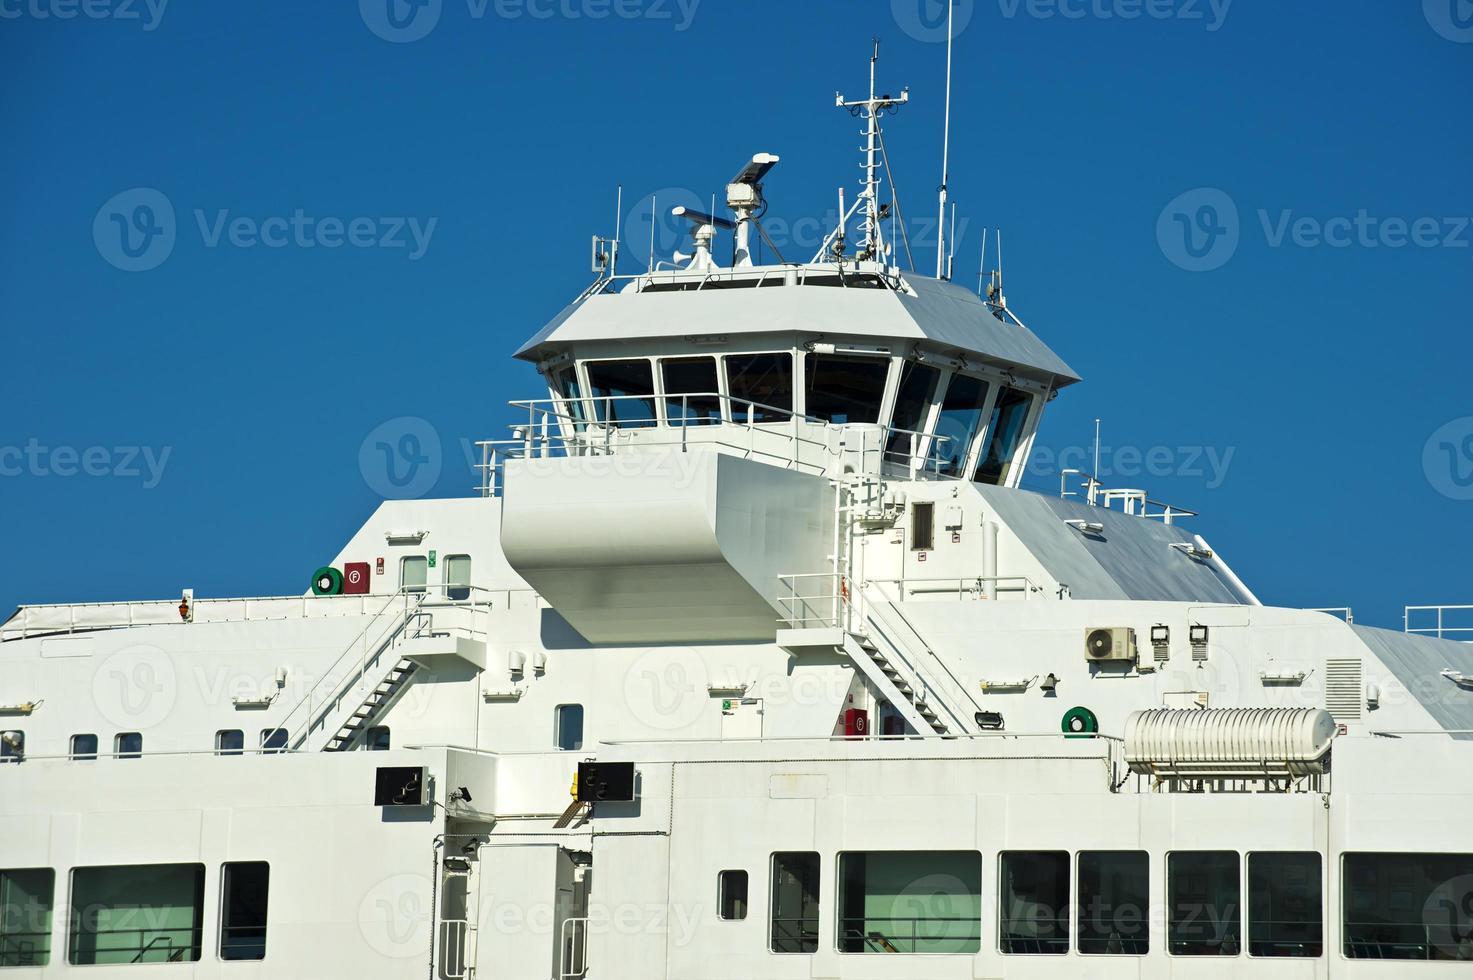 Bridge of a ship photo